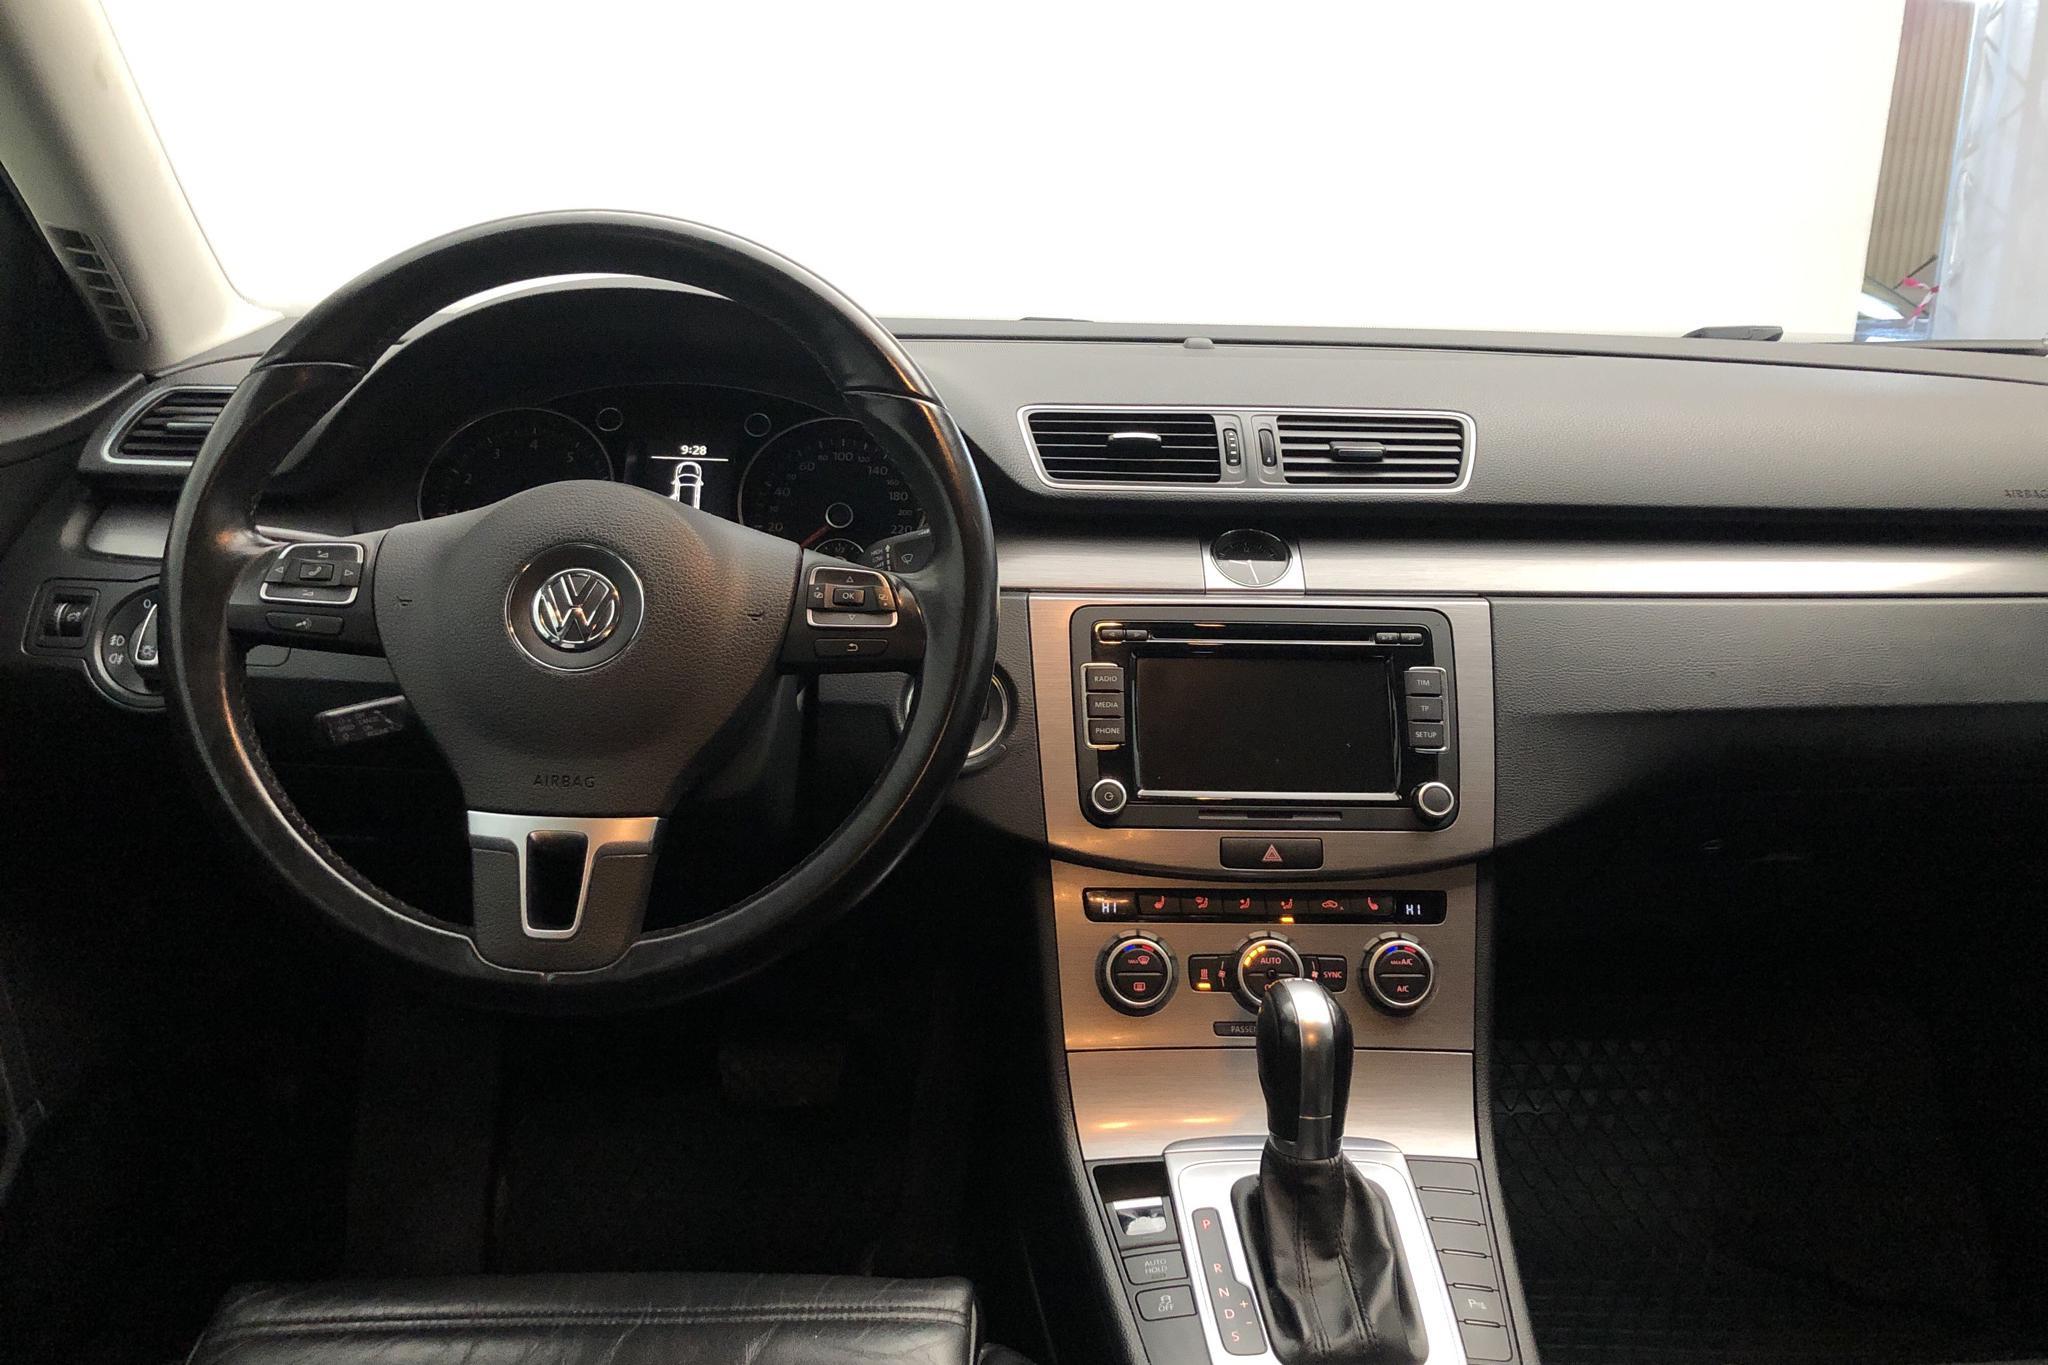 VW Passat 1.4 TSI EcoFuel Variant (150hk) - 115 090 km - Automatic - black - 2013